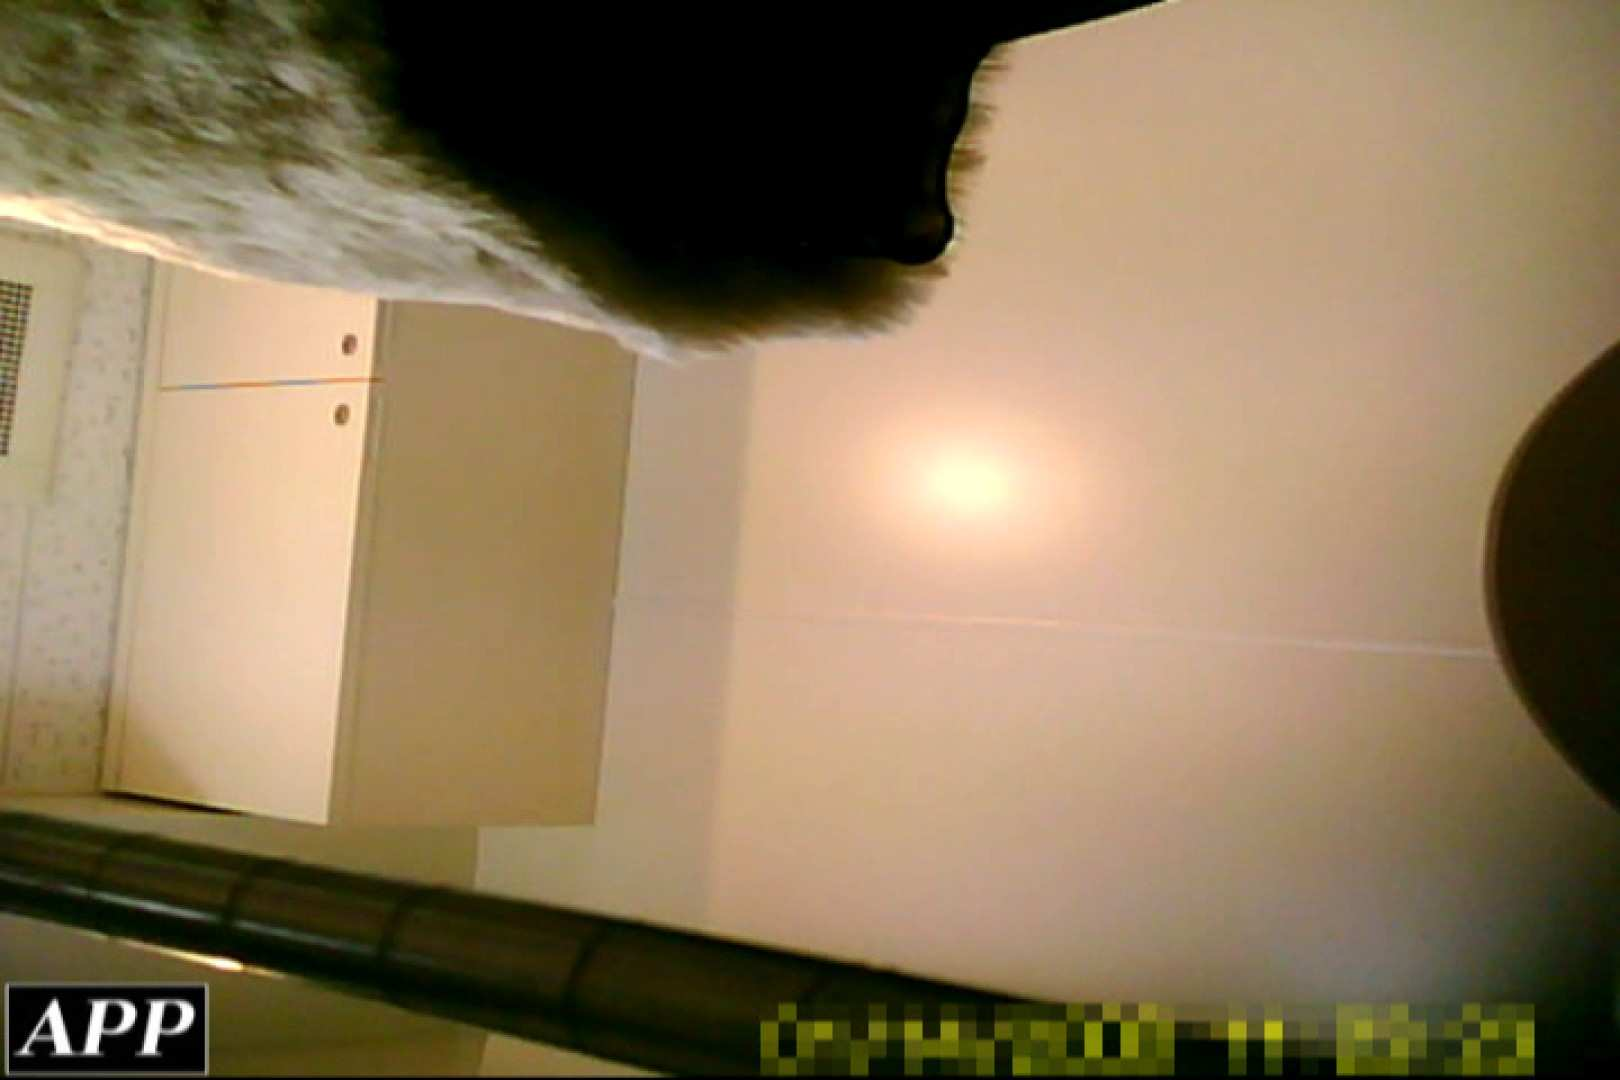 3視点洗面所 vol.053 洗面所はめどり  103画像 66